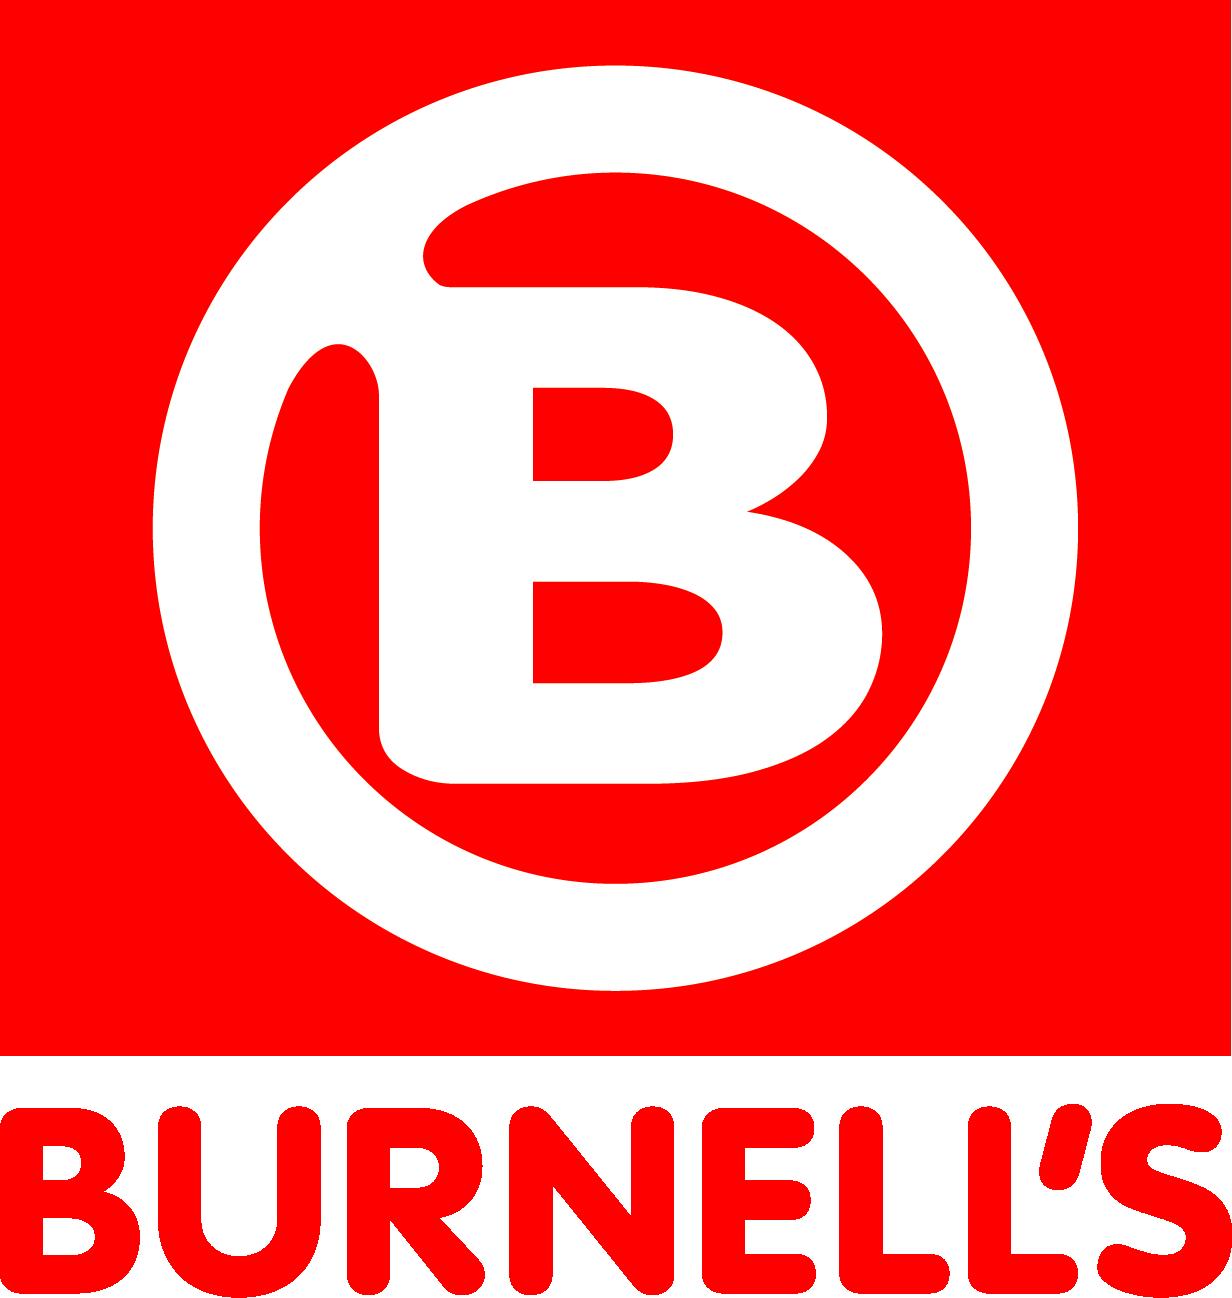 Burnells